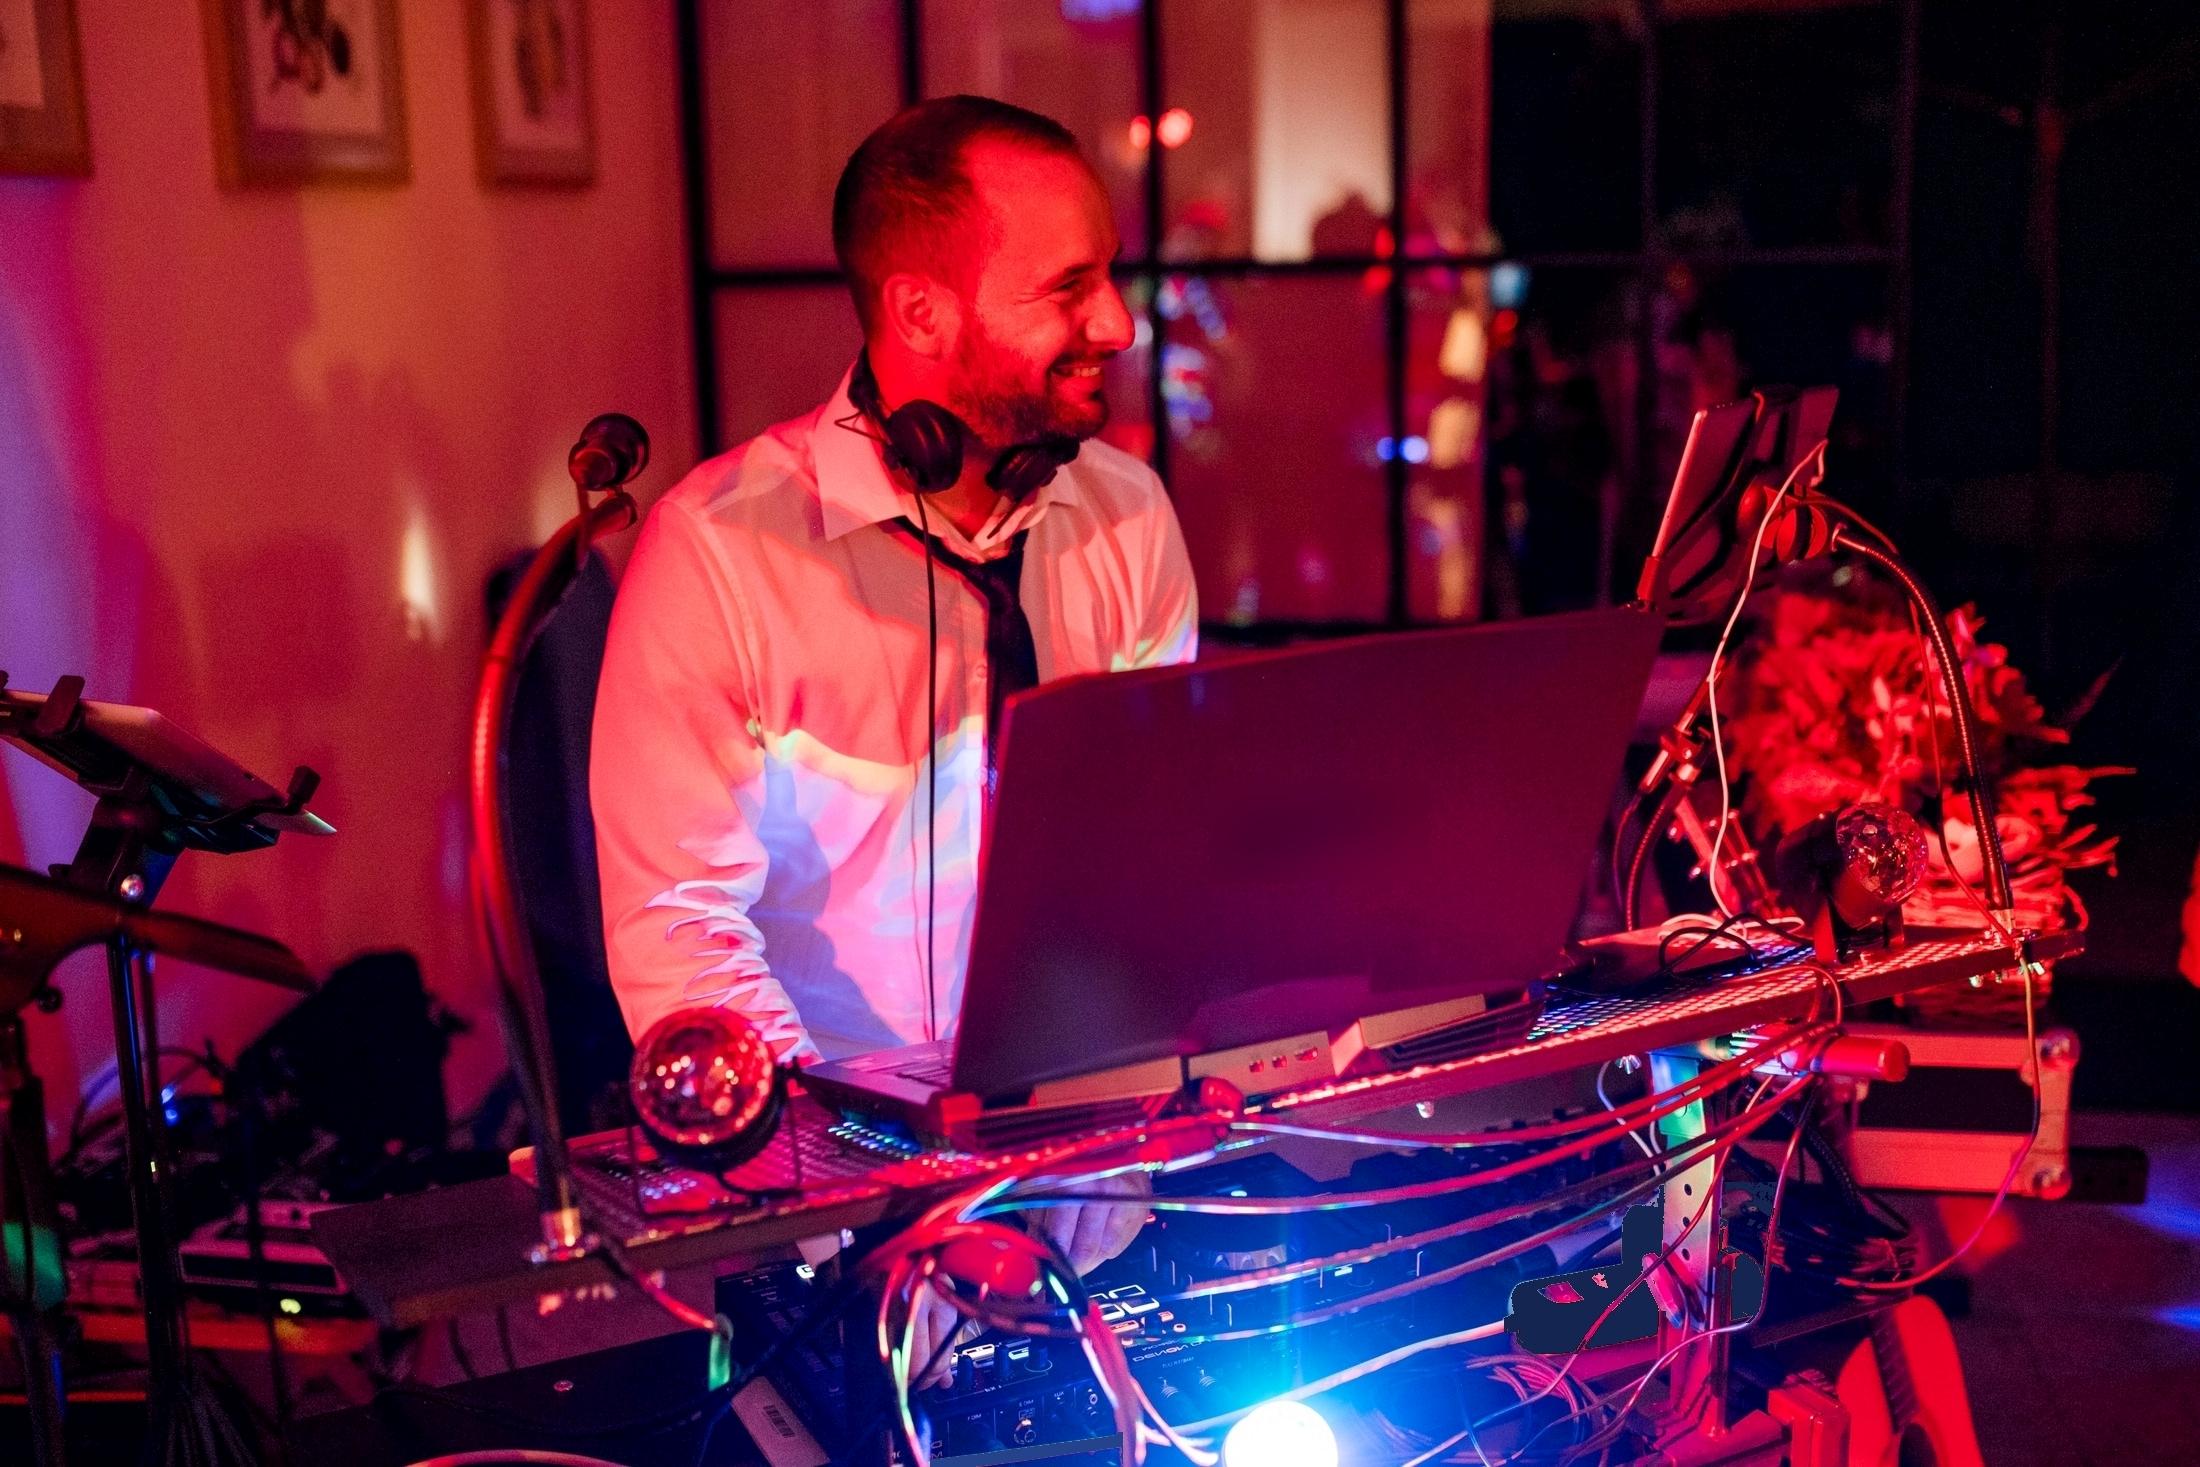 Trauredner, Musiker und DJ? Ja, das geht! Und zwar sehr gut. Und abends geht's dann gut ab.